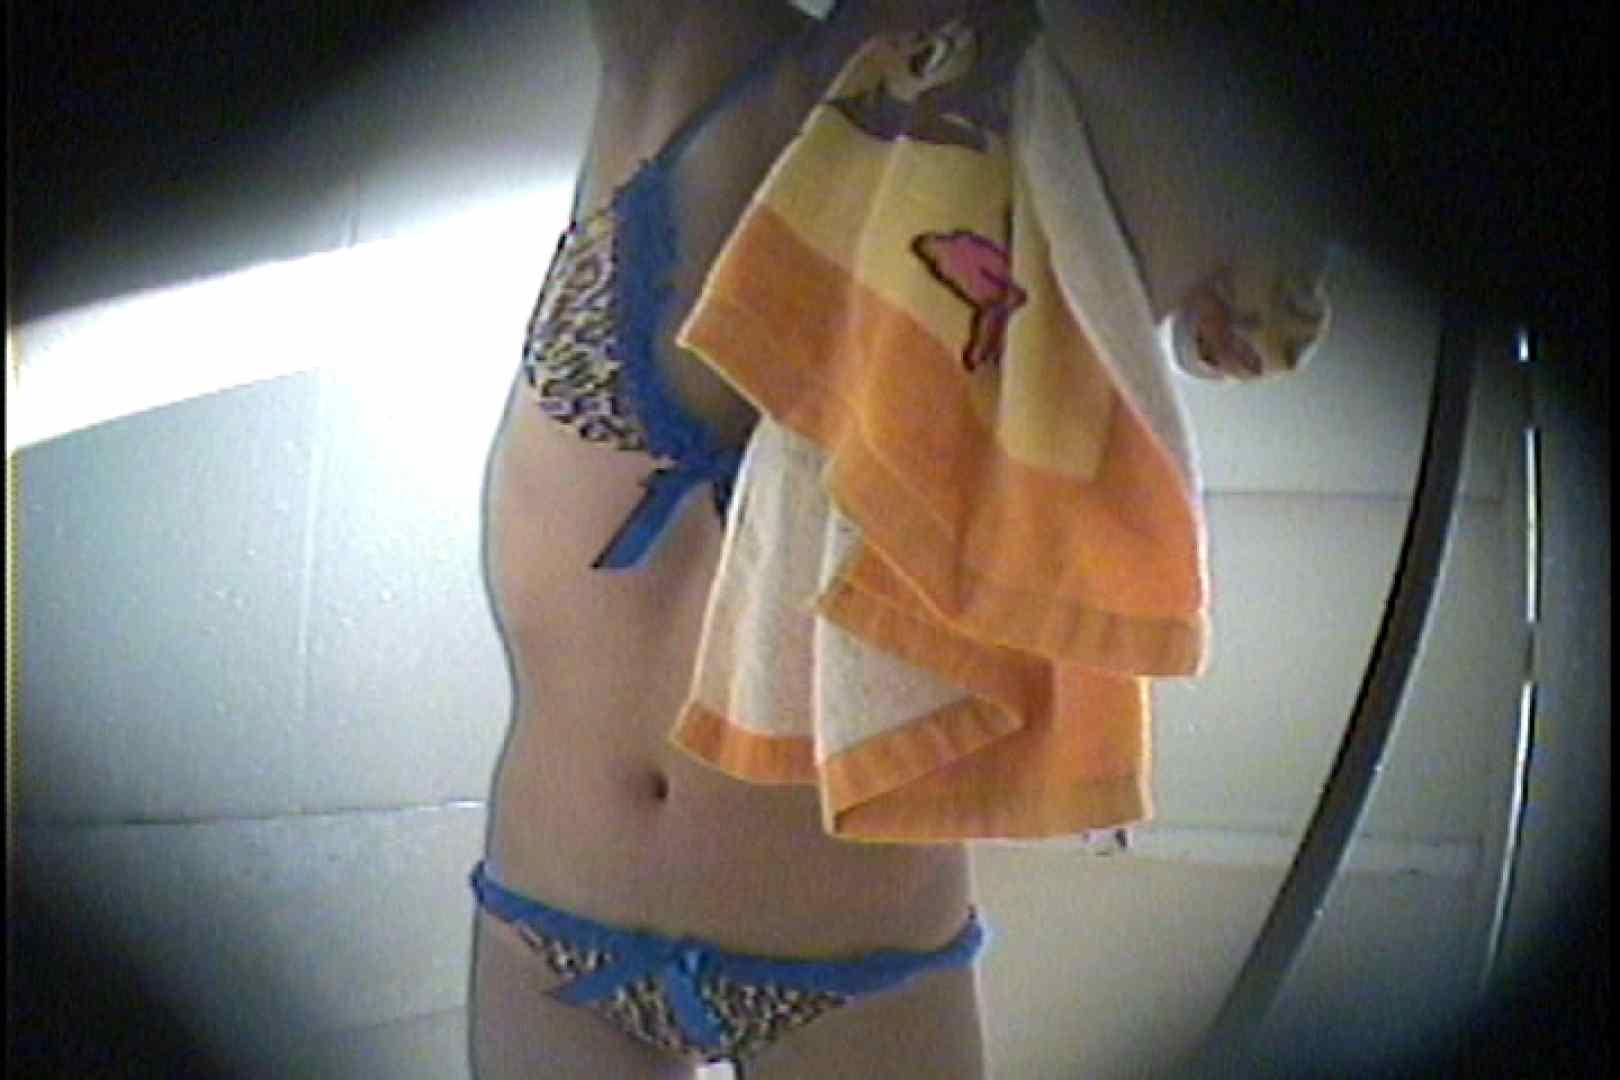 海の家の更衣室 Vol.43 シャワー | OLの実態  33pic 31